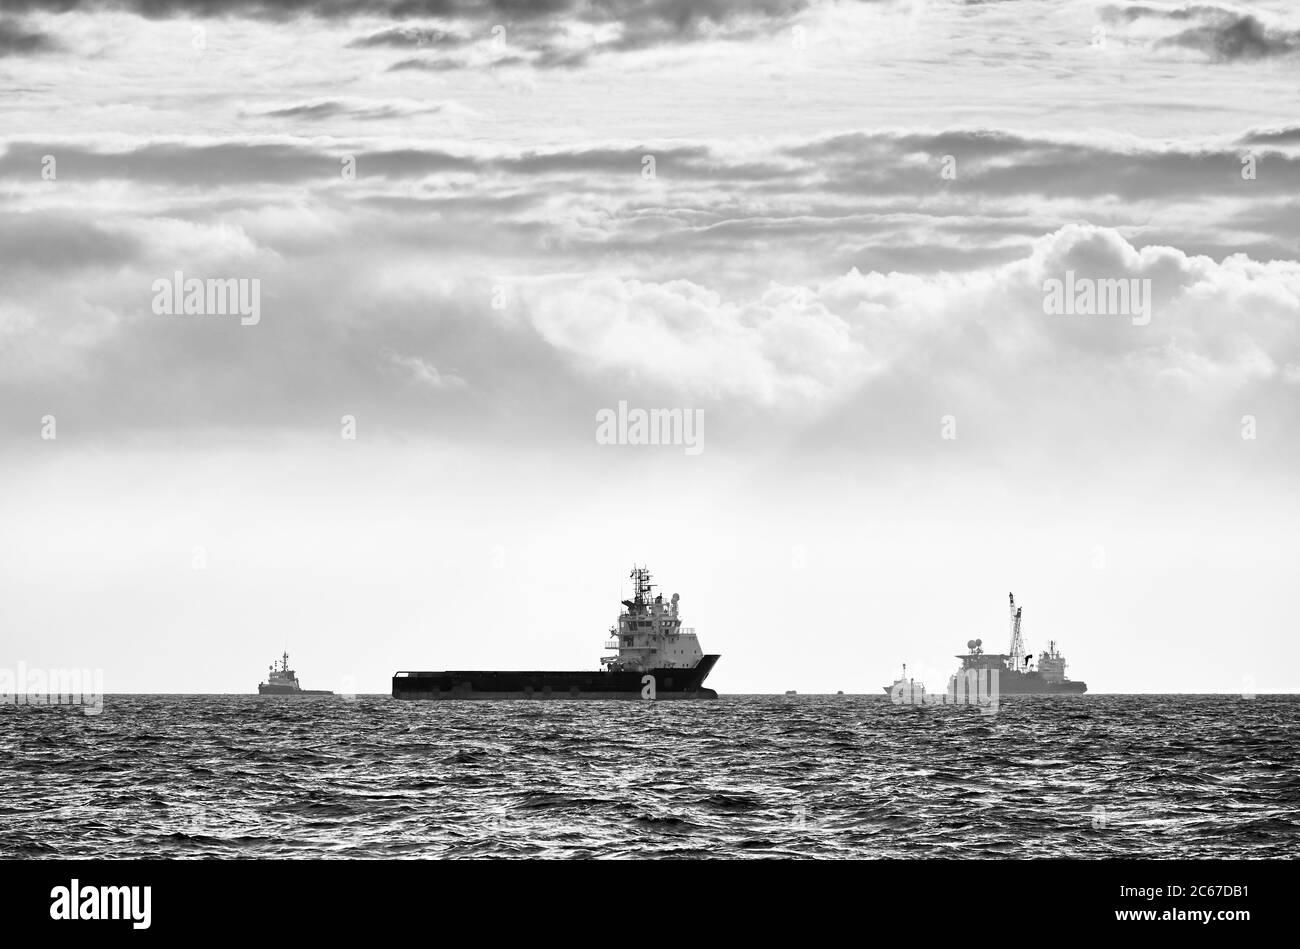 Image en noir et blanc des silhouettes des navires à l'horizon au coucher du soleil. Banque D'Images